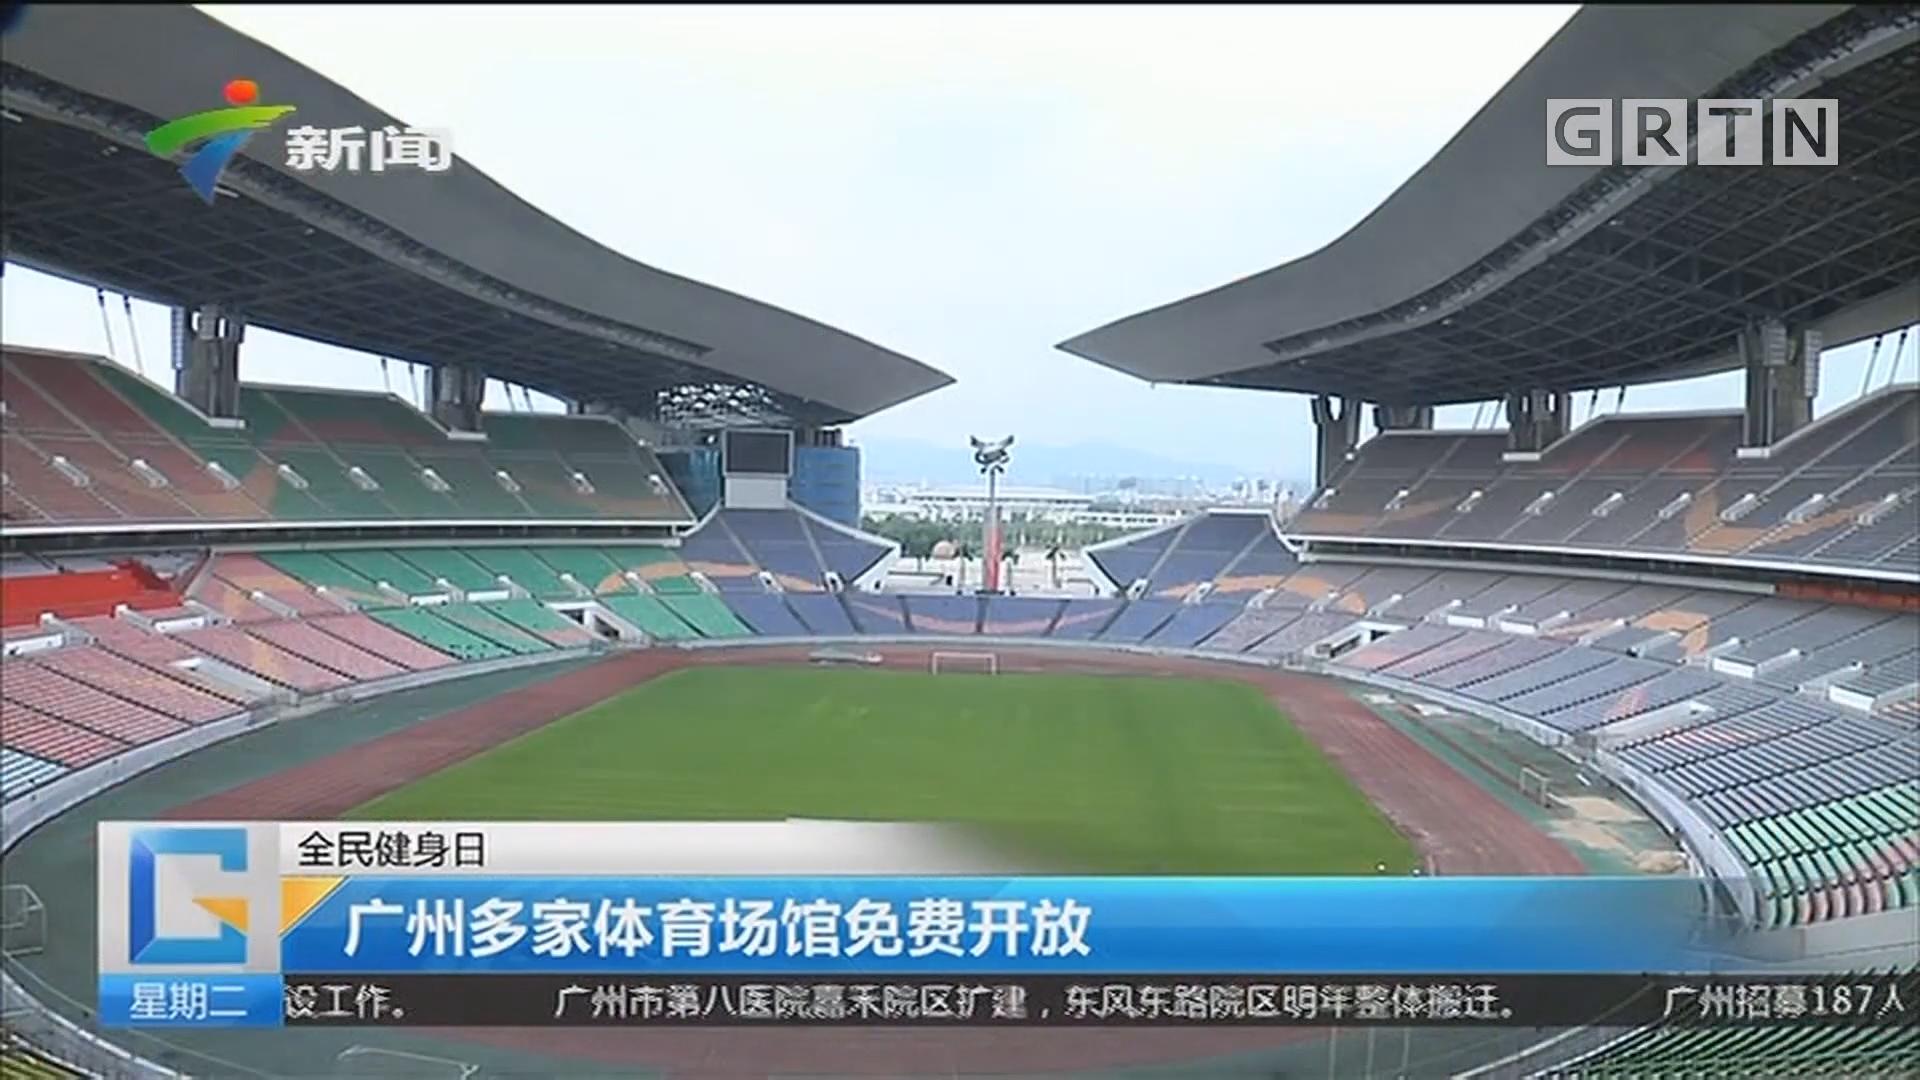 全民健身日:广州多家体育场馆免费开放